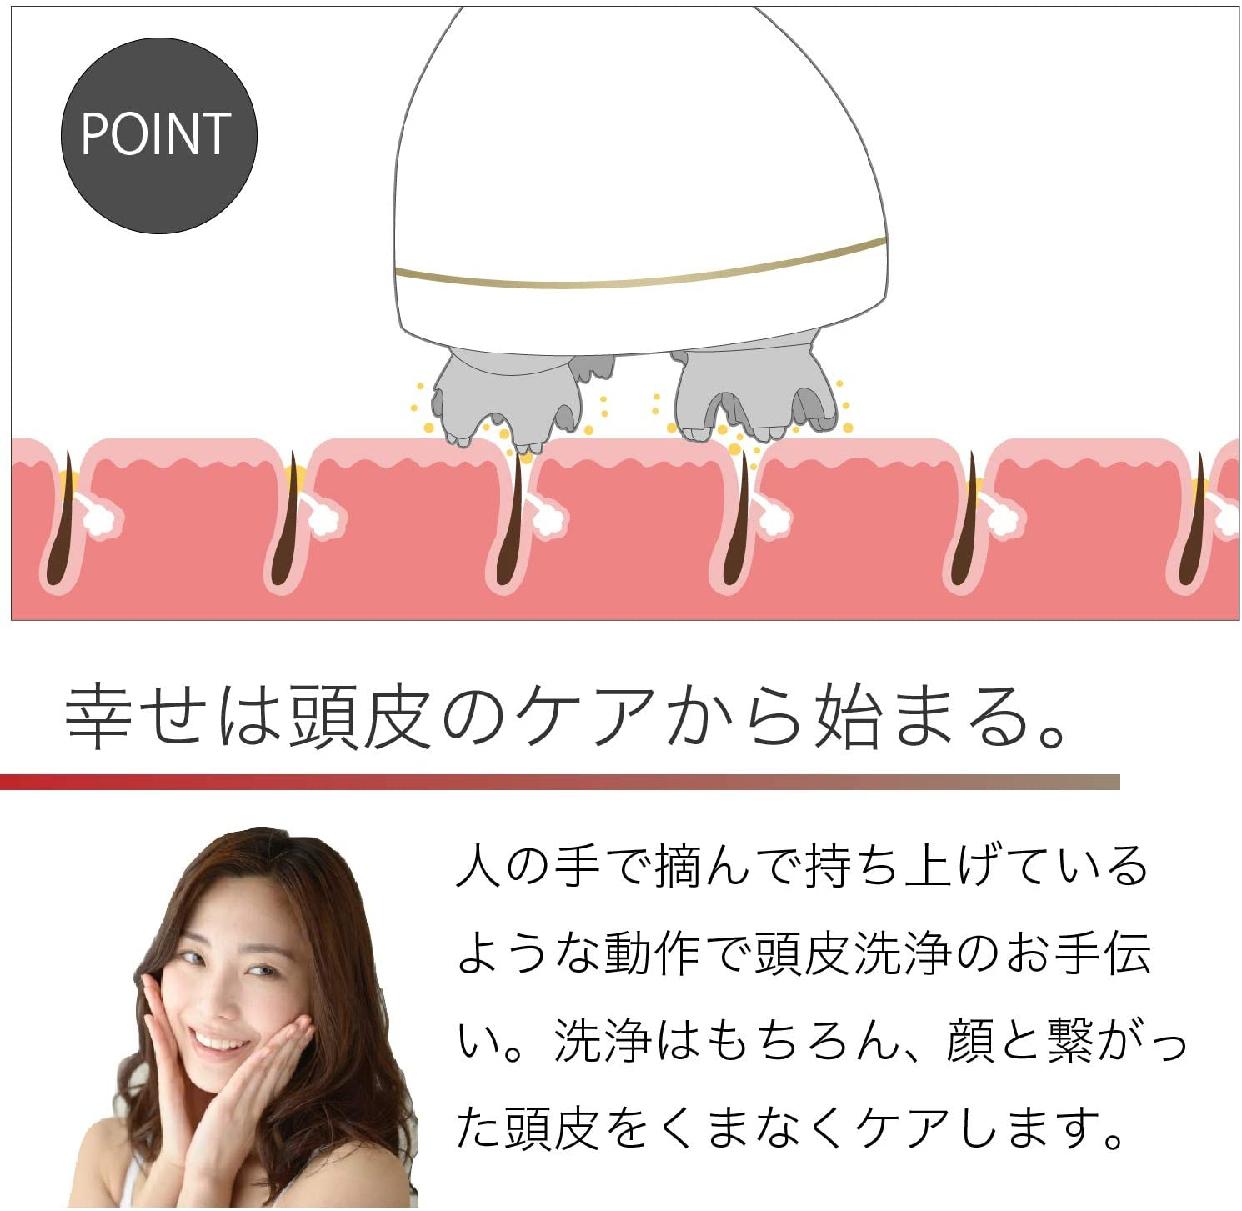 WorldLI Home Product(ワールドエルアイホームプロダクト)頭皮マッサージ器 KAS-1の商品画像4